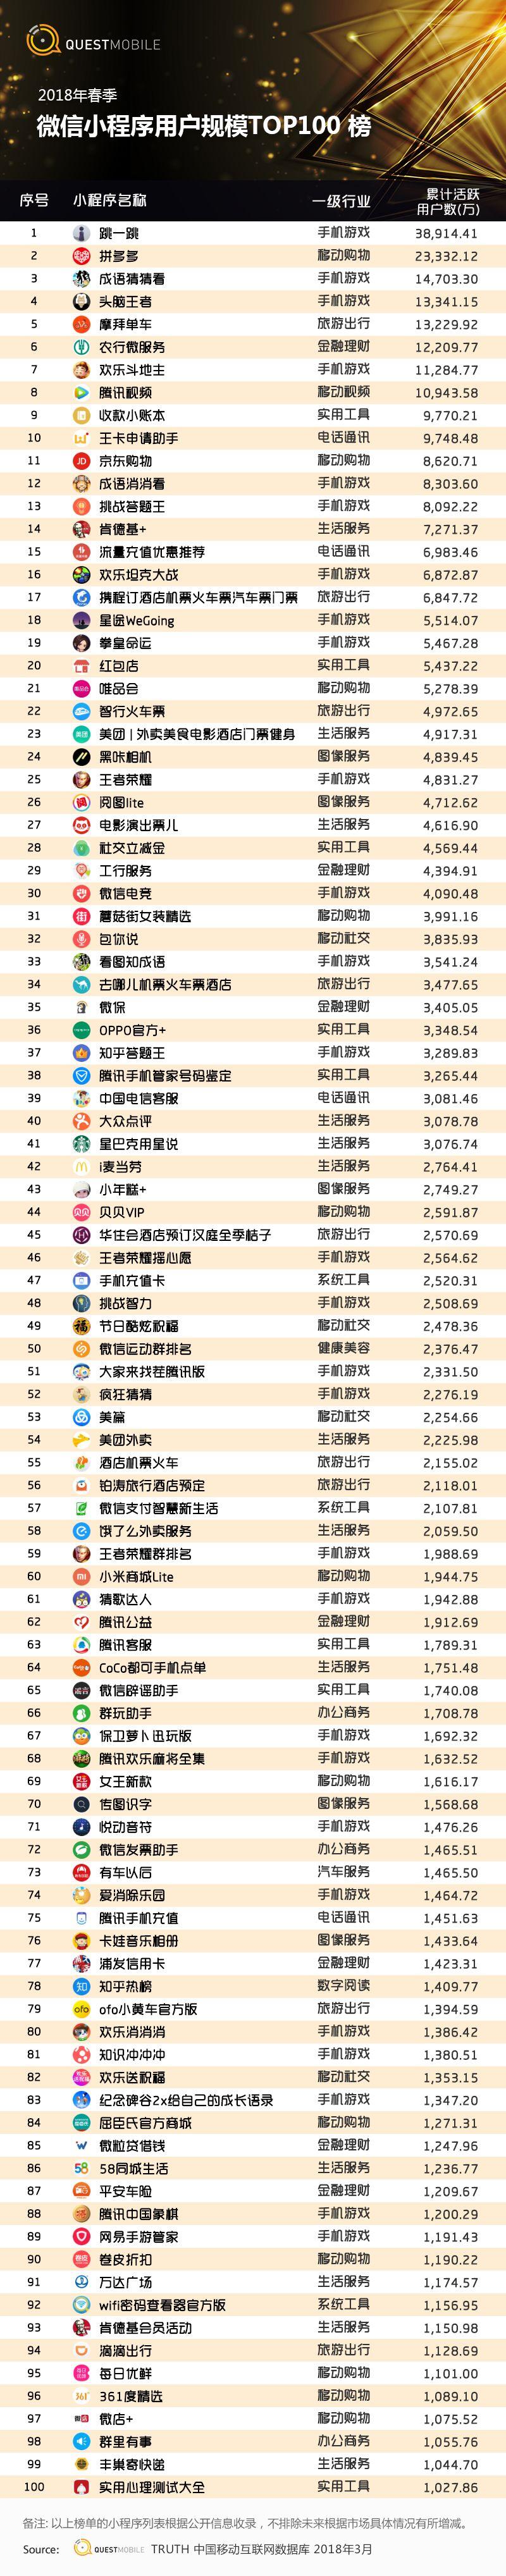 中国移动互联网春季报告:总流量近枯竭 短视频迅速蹿红